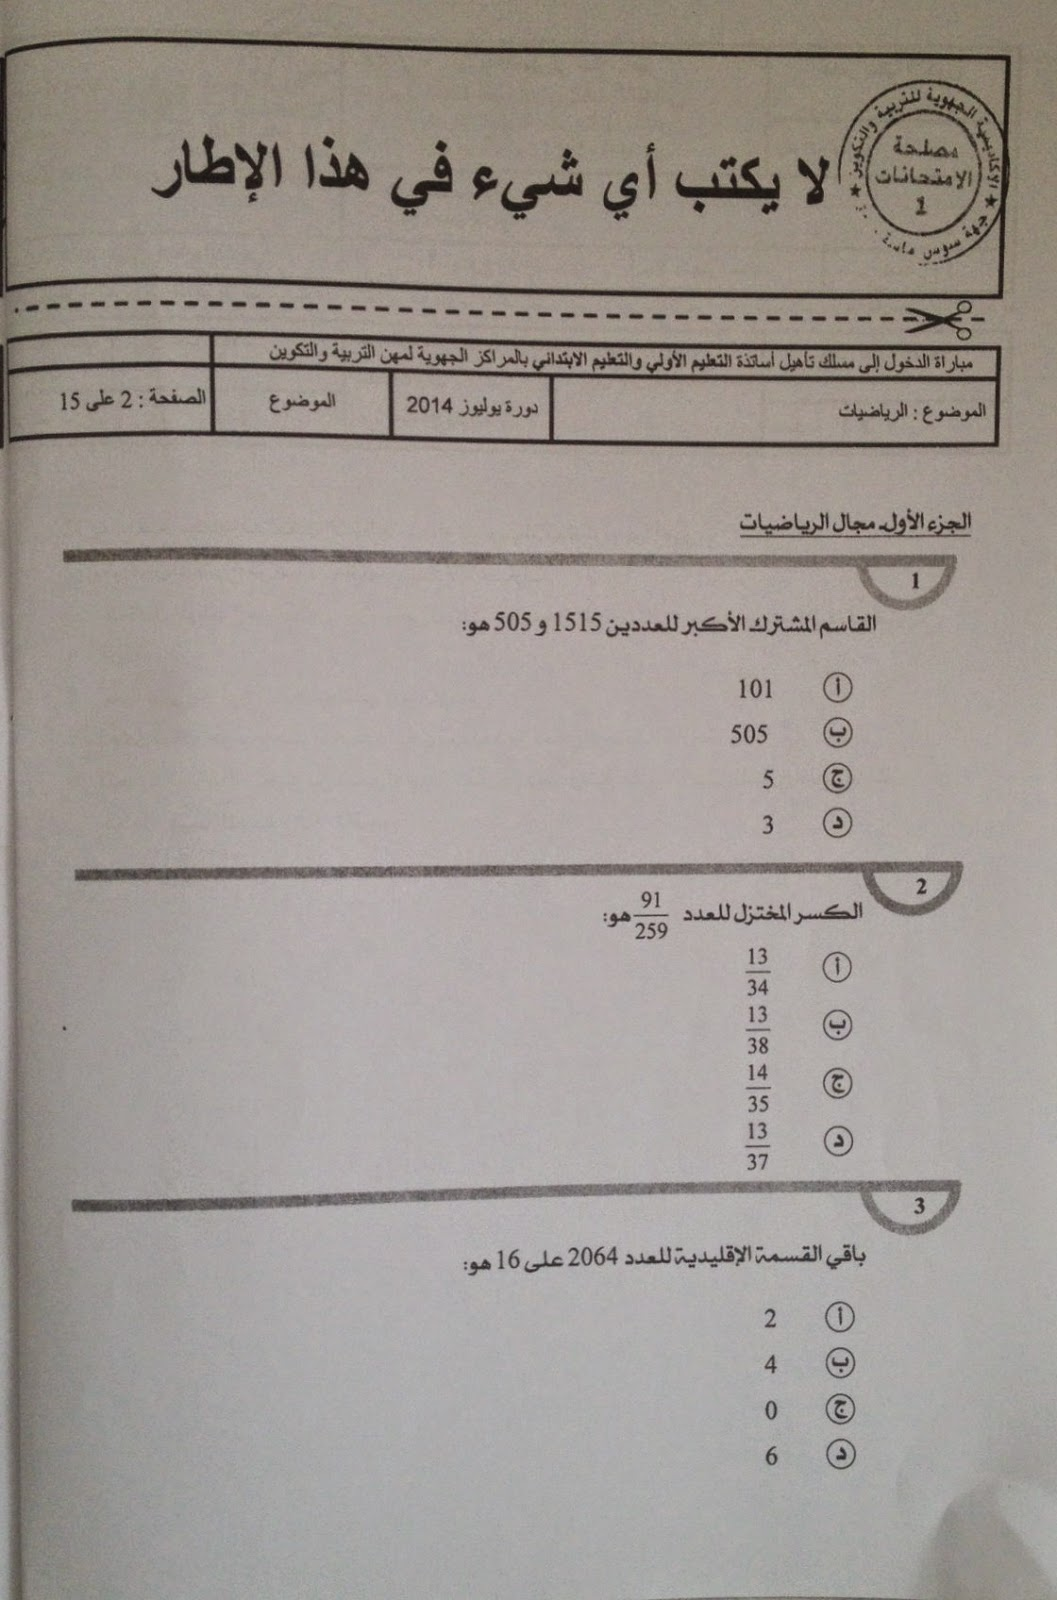 الاختبار الكتابي لولوج المراكز الجهوية للسلك الابتدائي دورة يوليوز 2014- مادة الرياضيات  Nouveau%2Bdocument%2B2_12